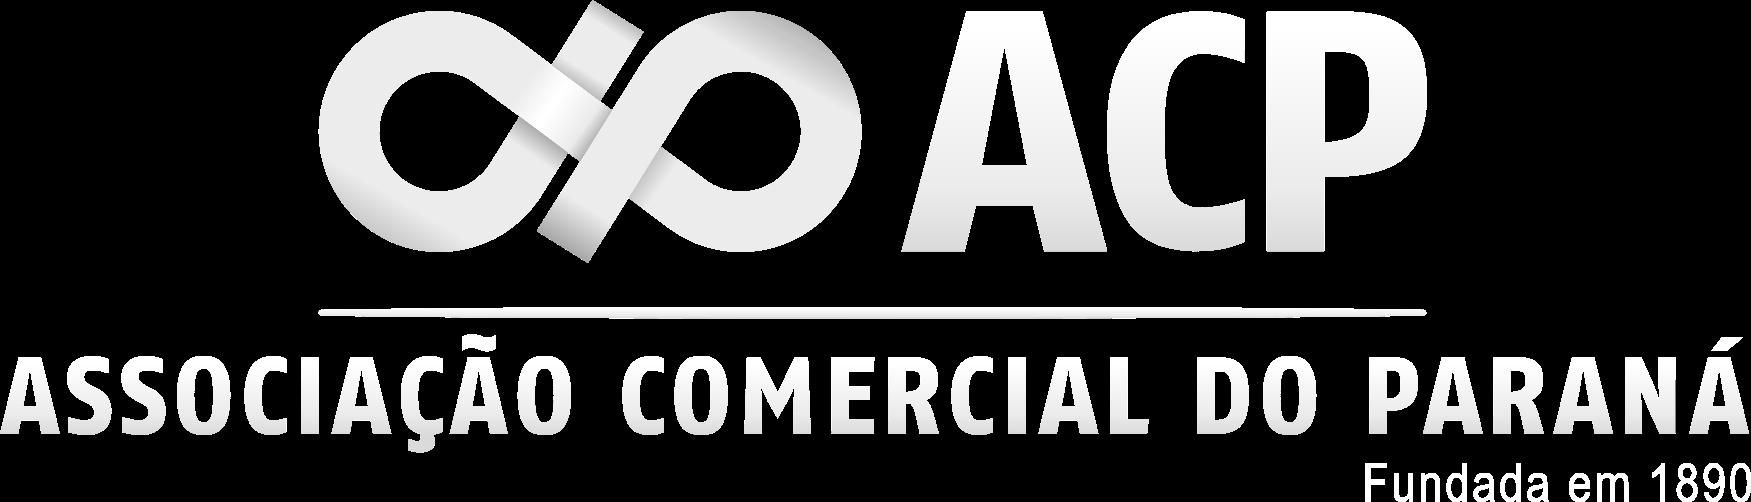 Soluções para empresas - Blog da ACP